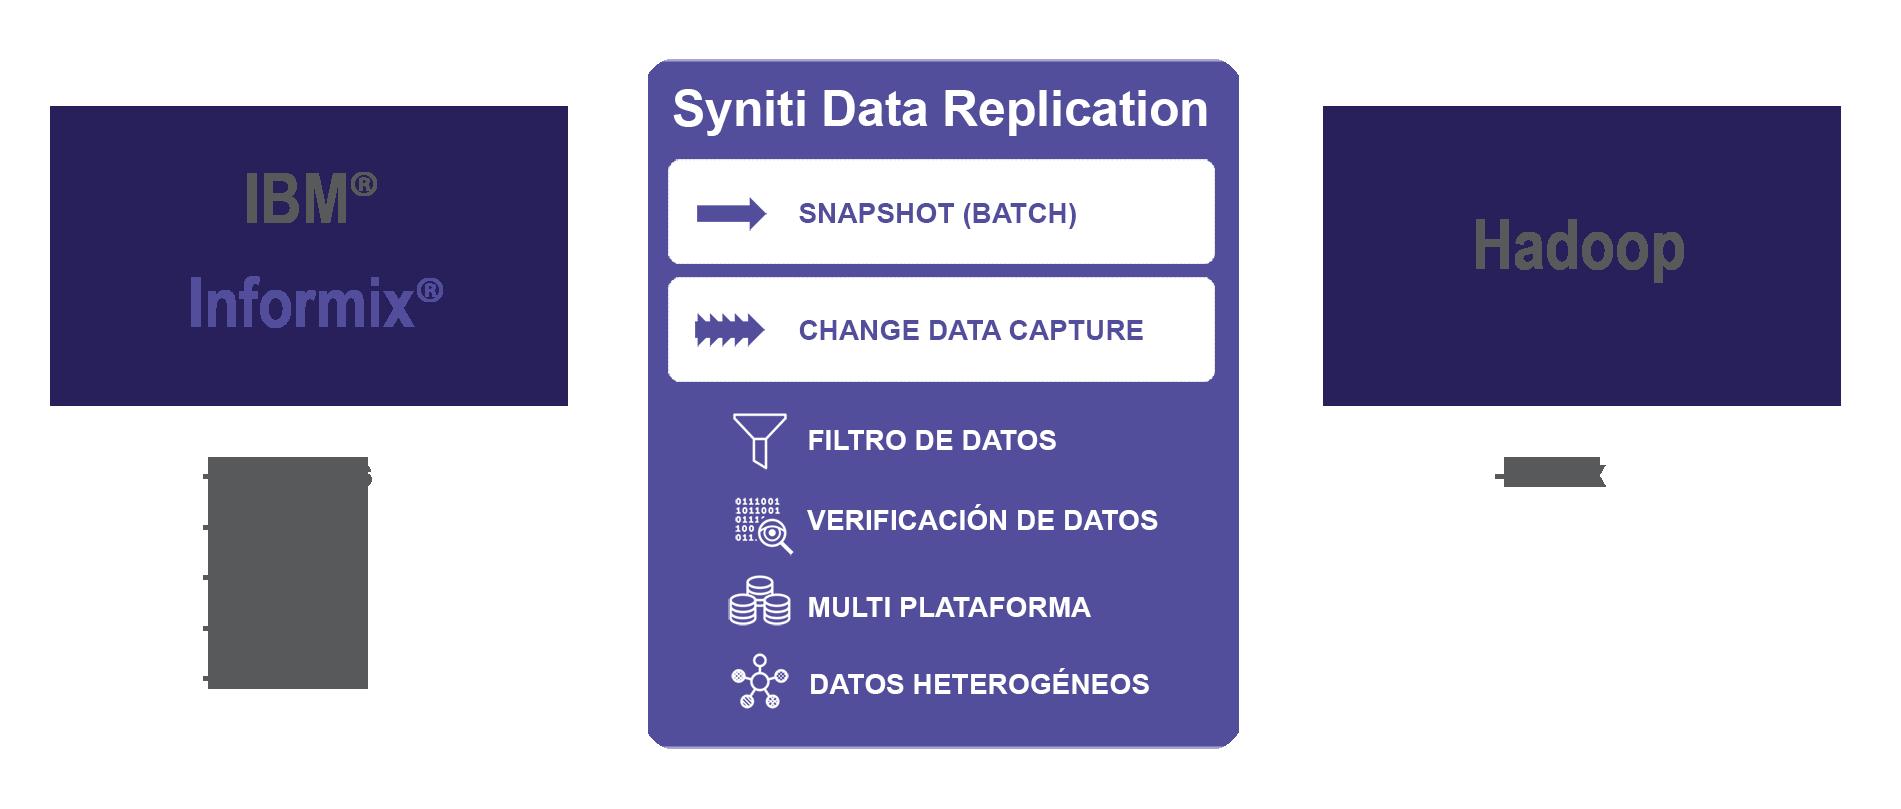 Carga de datos informix a hadoop en tiempo real